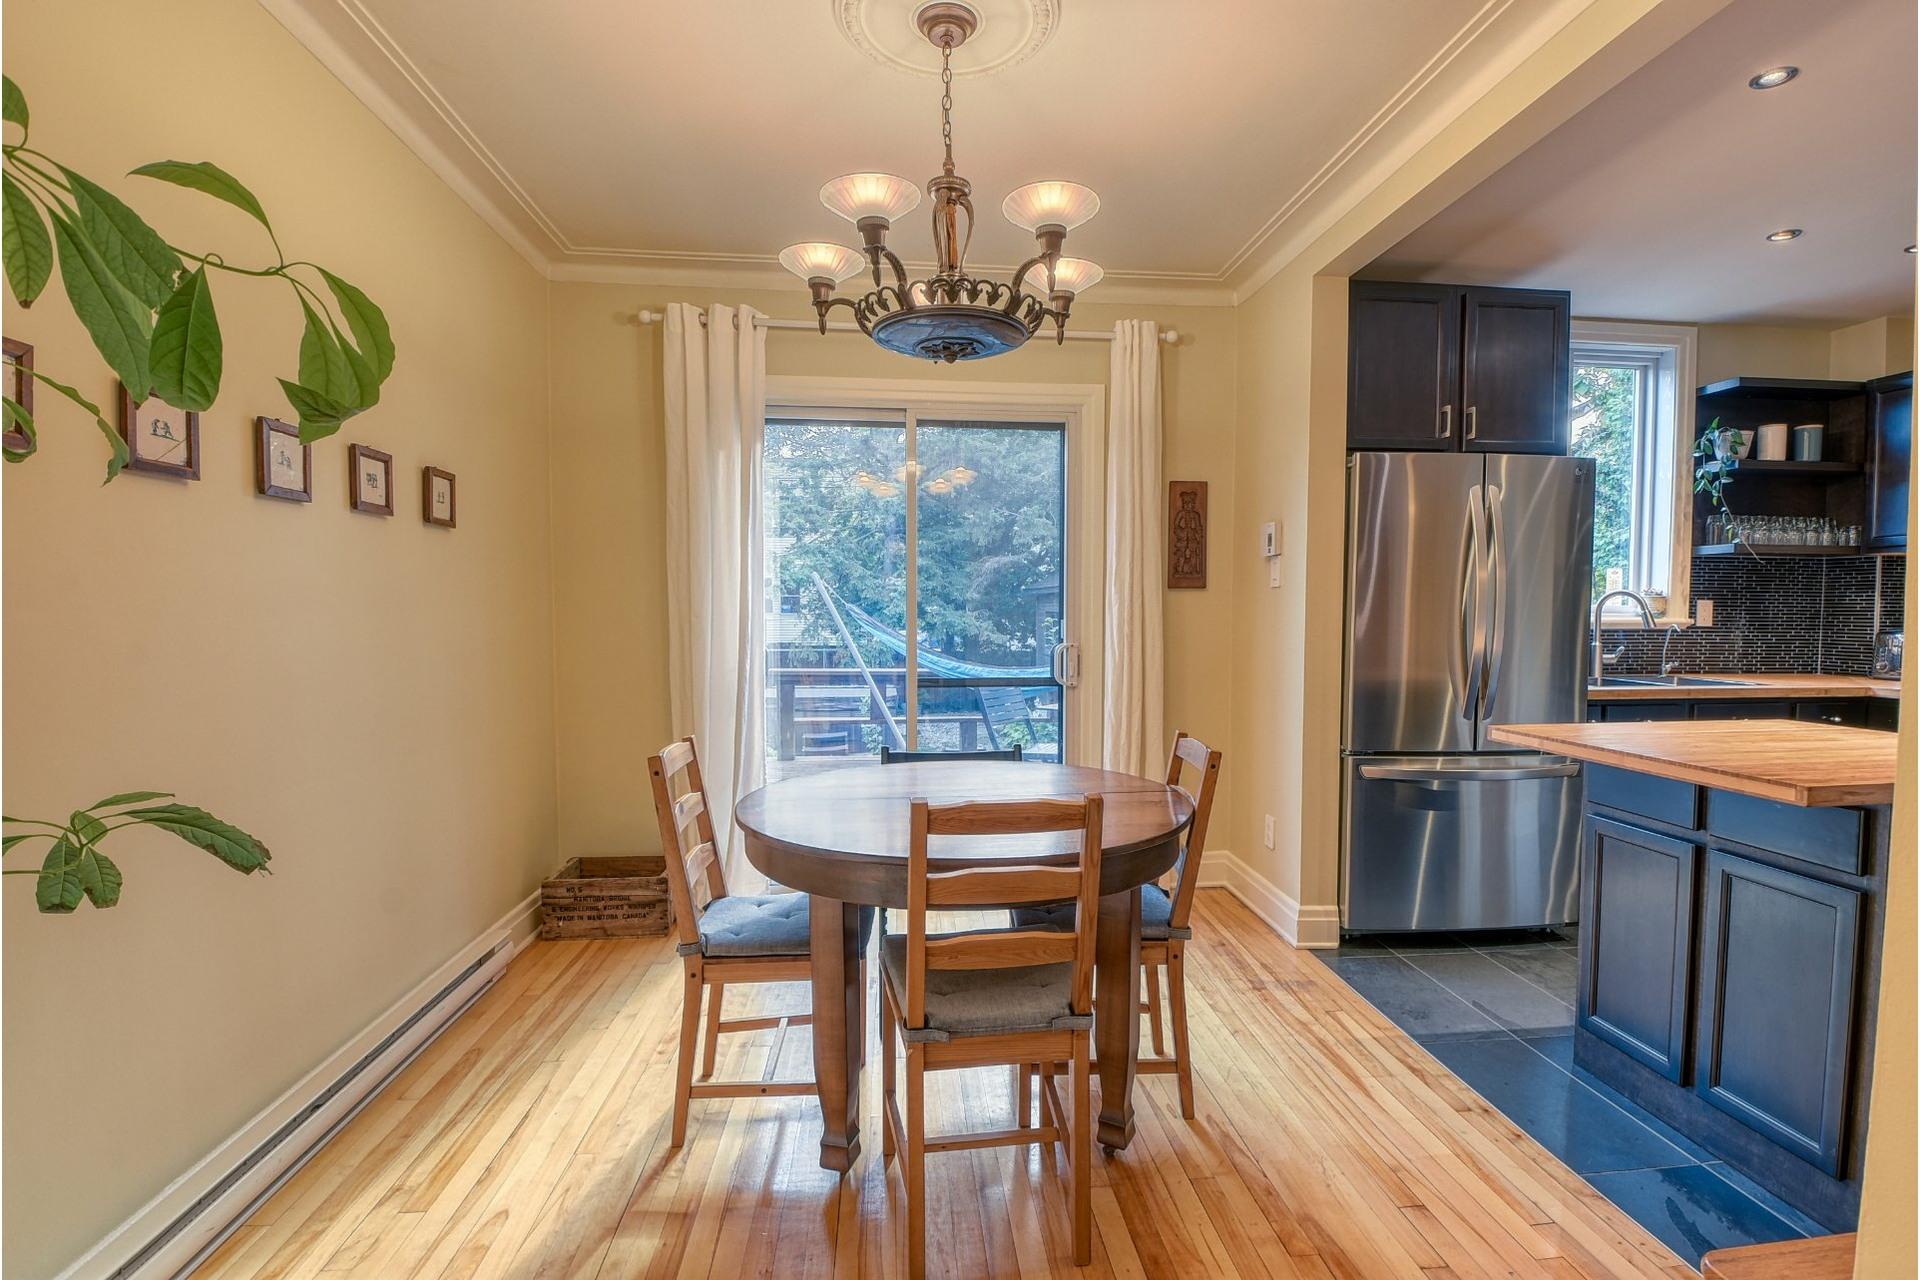 image 5 - House For sale Lachine Montréal  - 11 rooms